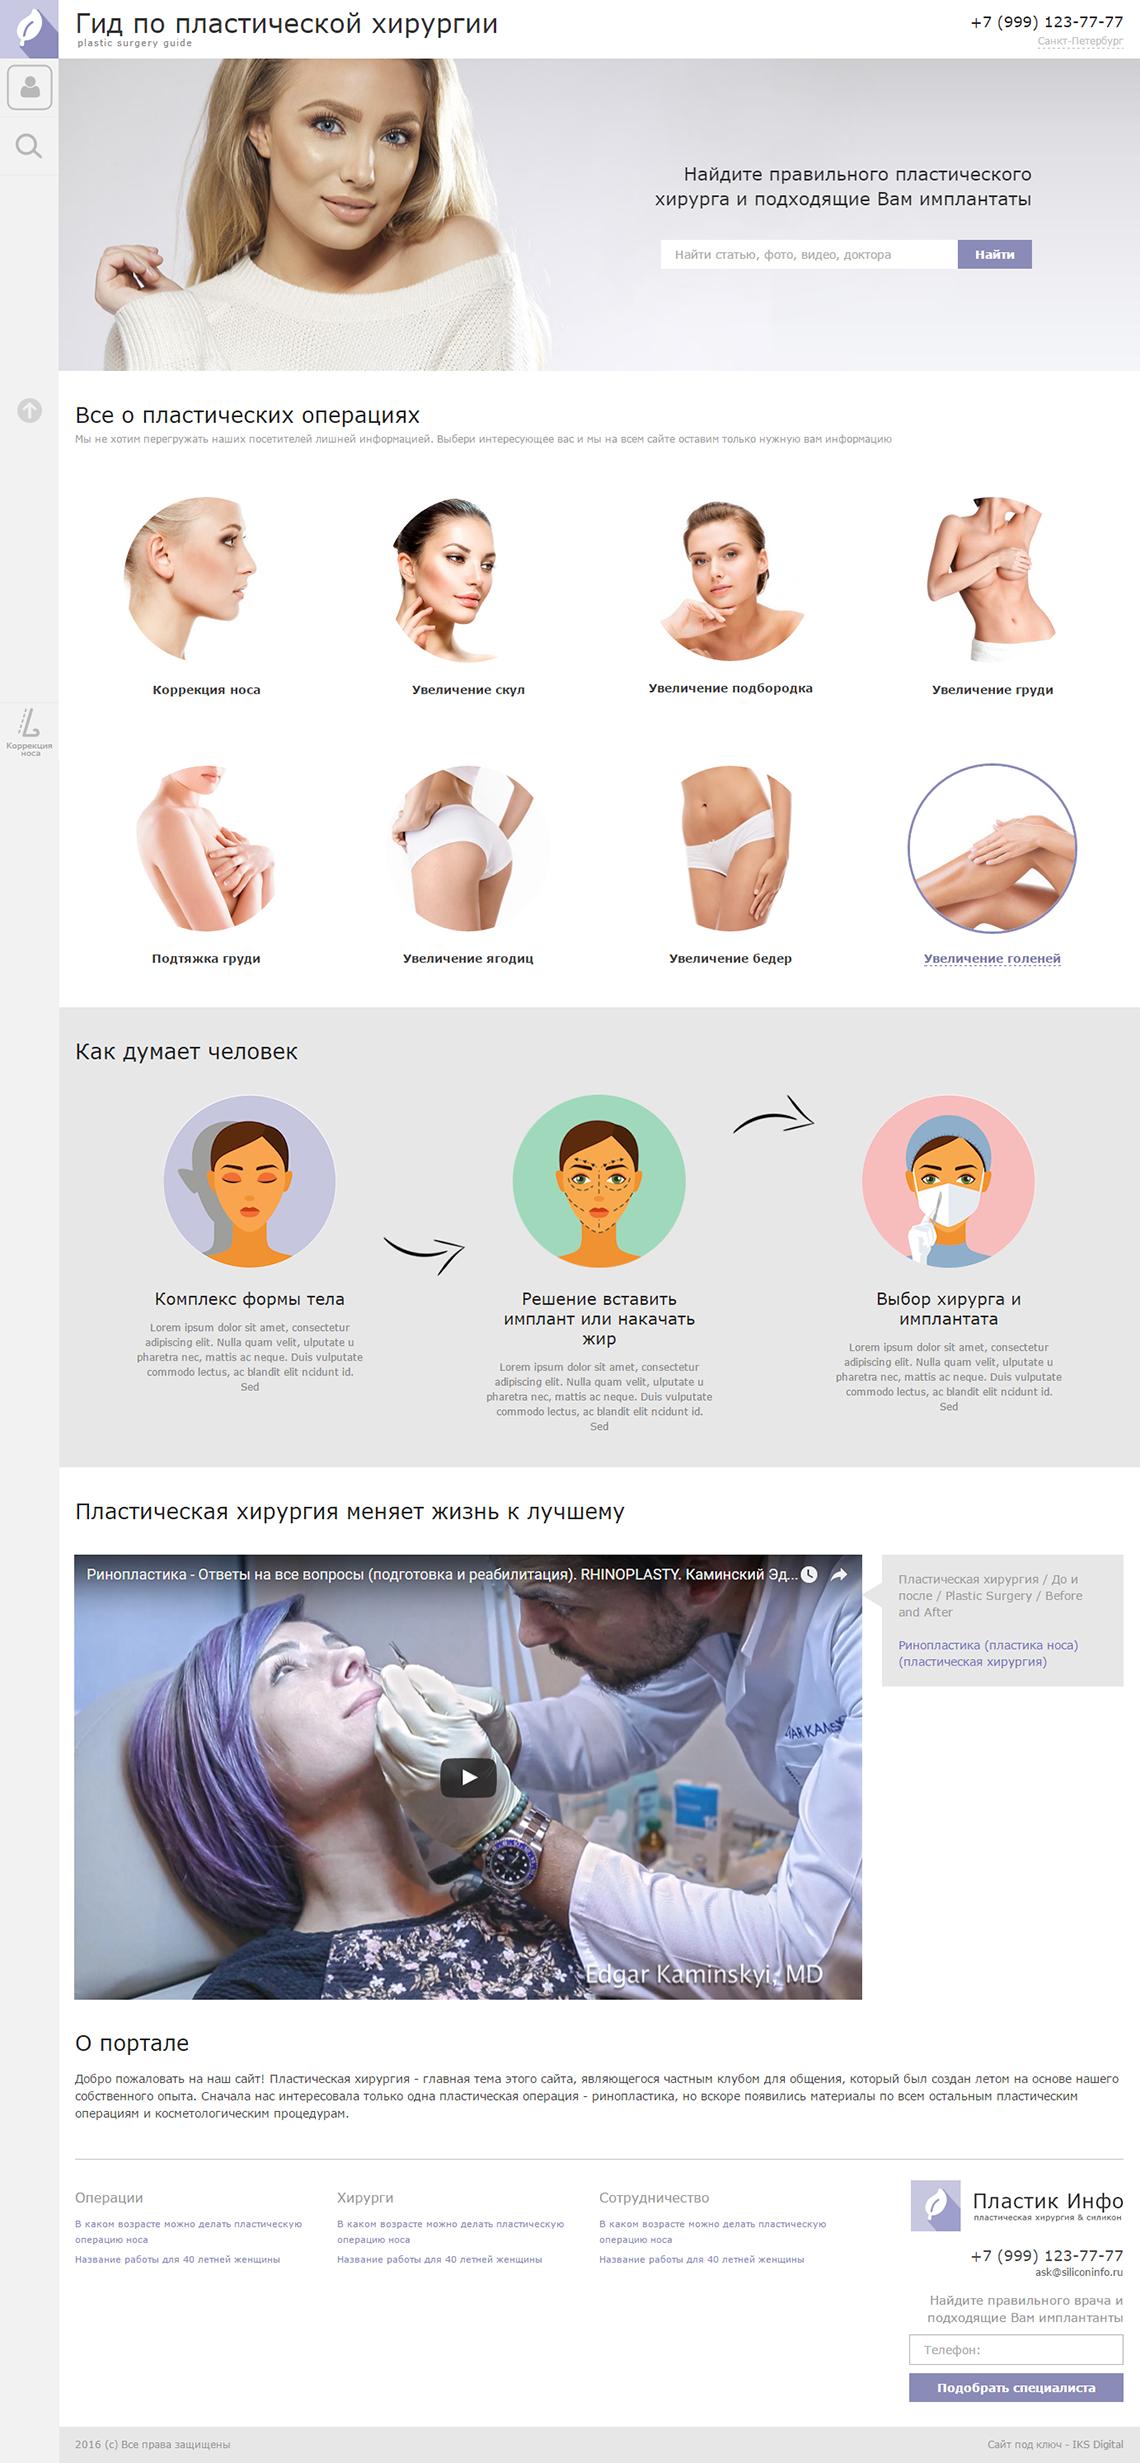 сайт о пластической хирургии